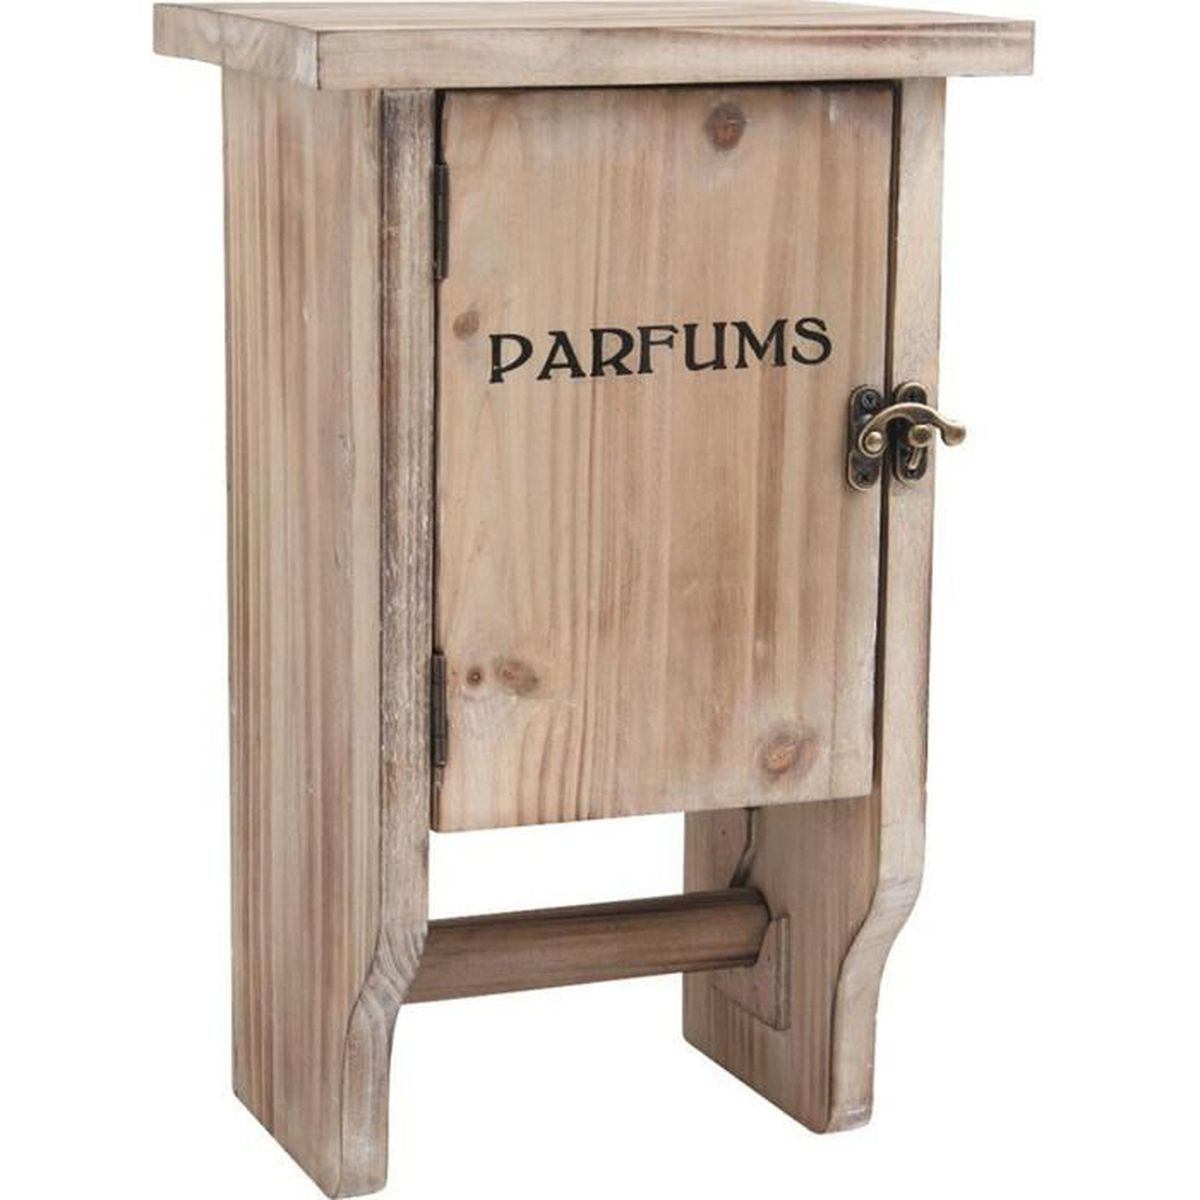 Petite armoire en bois avec d rouleur papier wc 20 x 36 x Petite armoire de rangement en bois